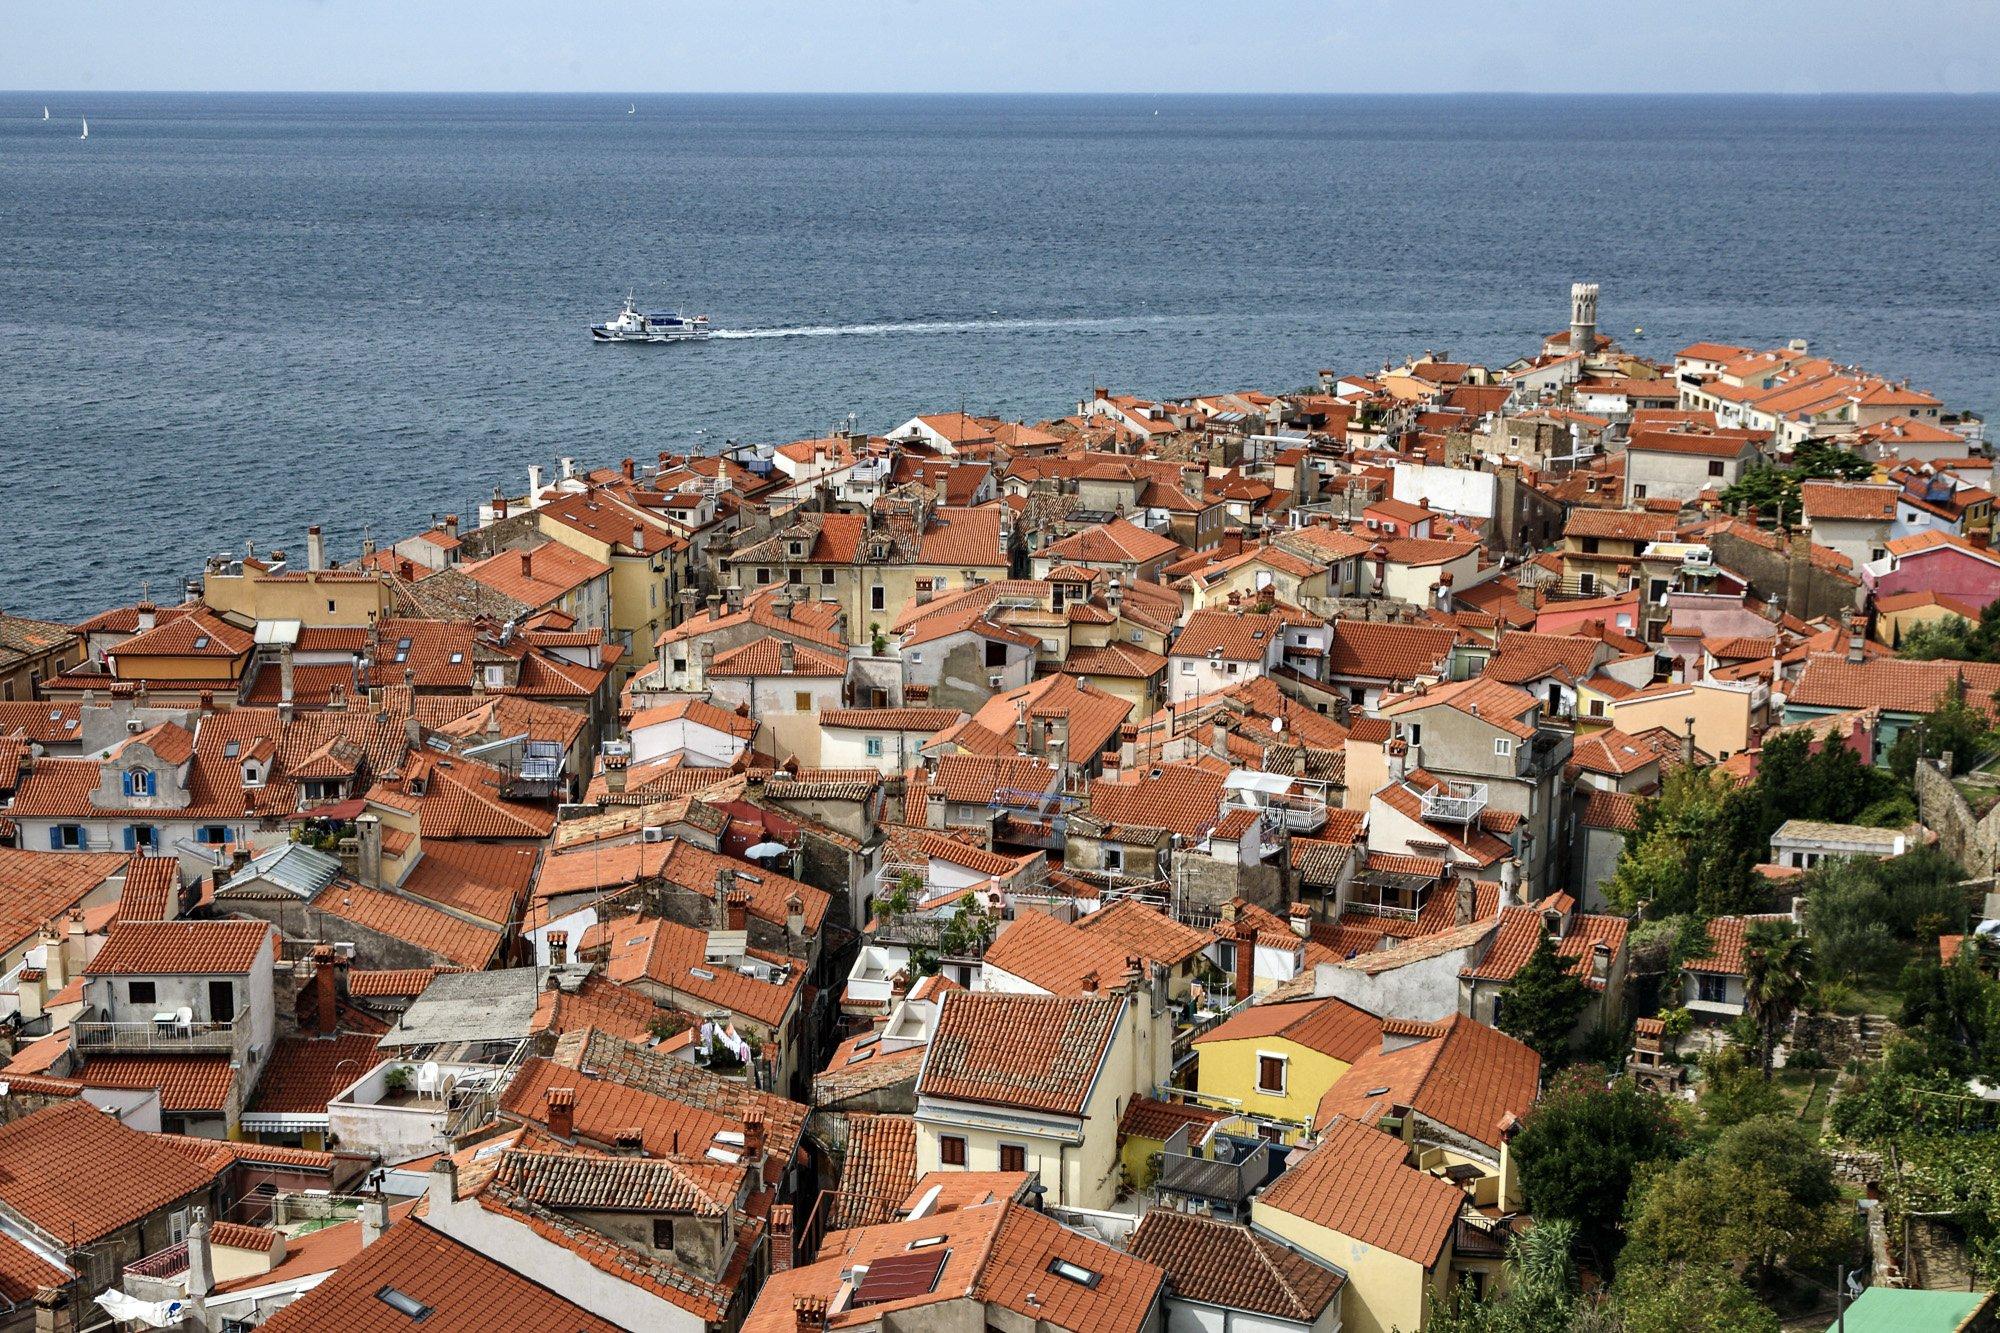 elope to slovenian coast